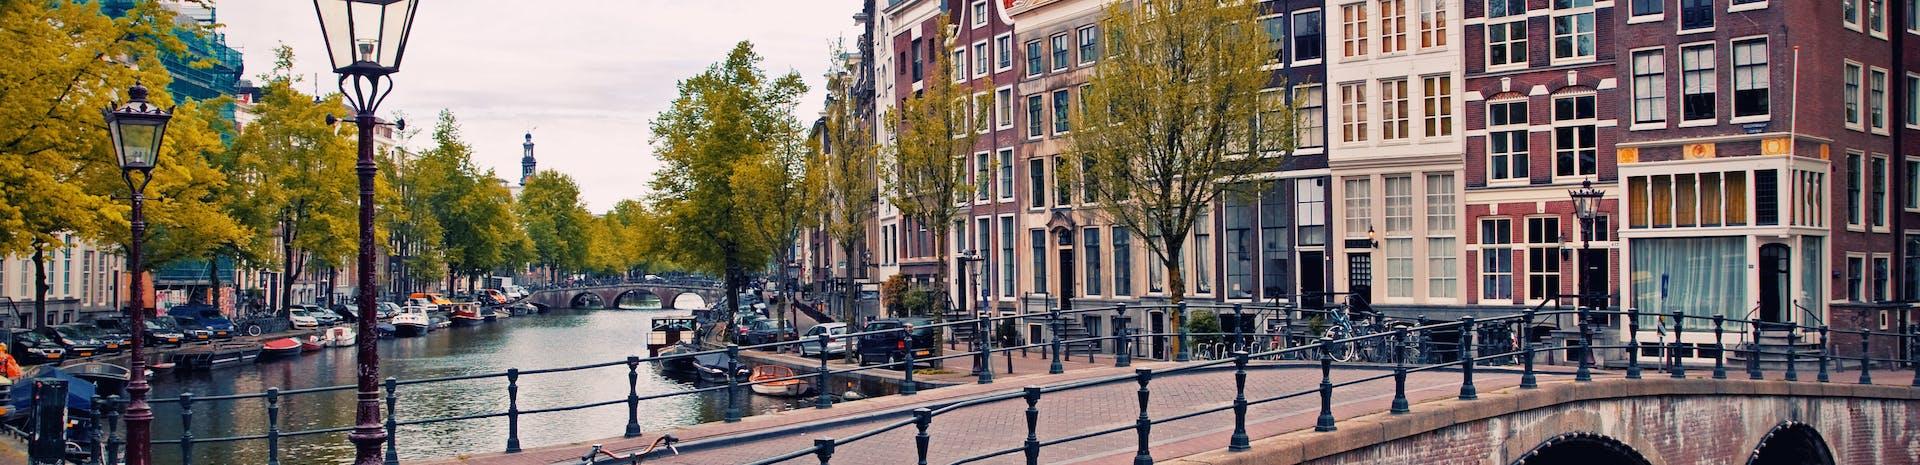 Picture of Alkmaar